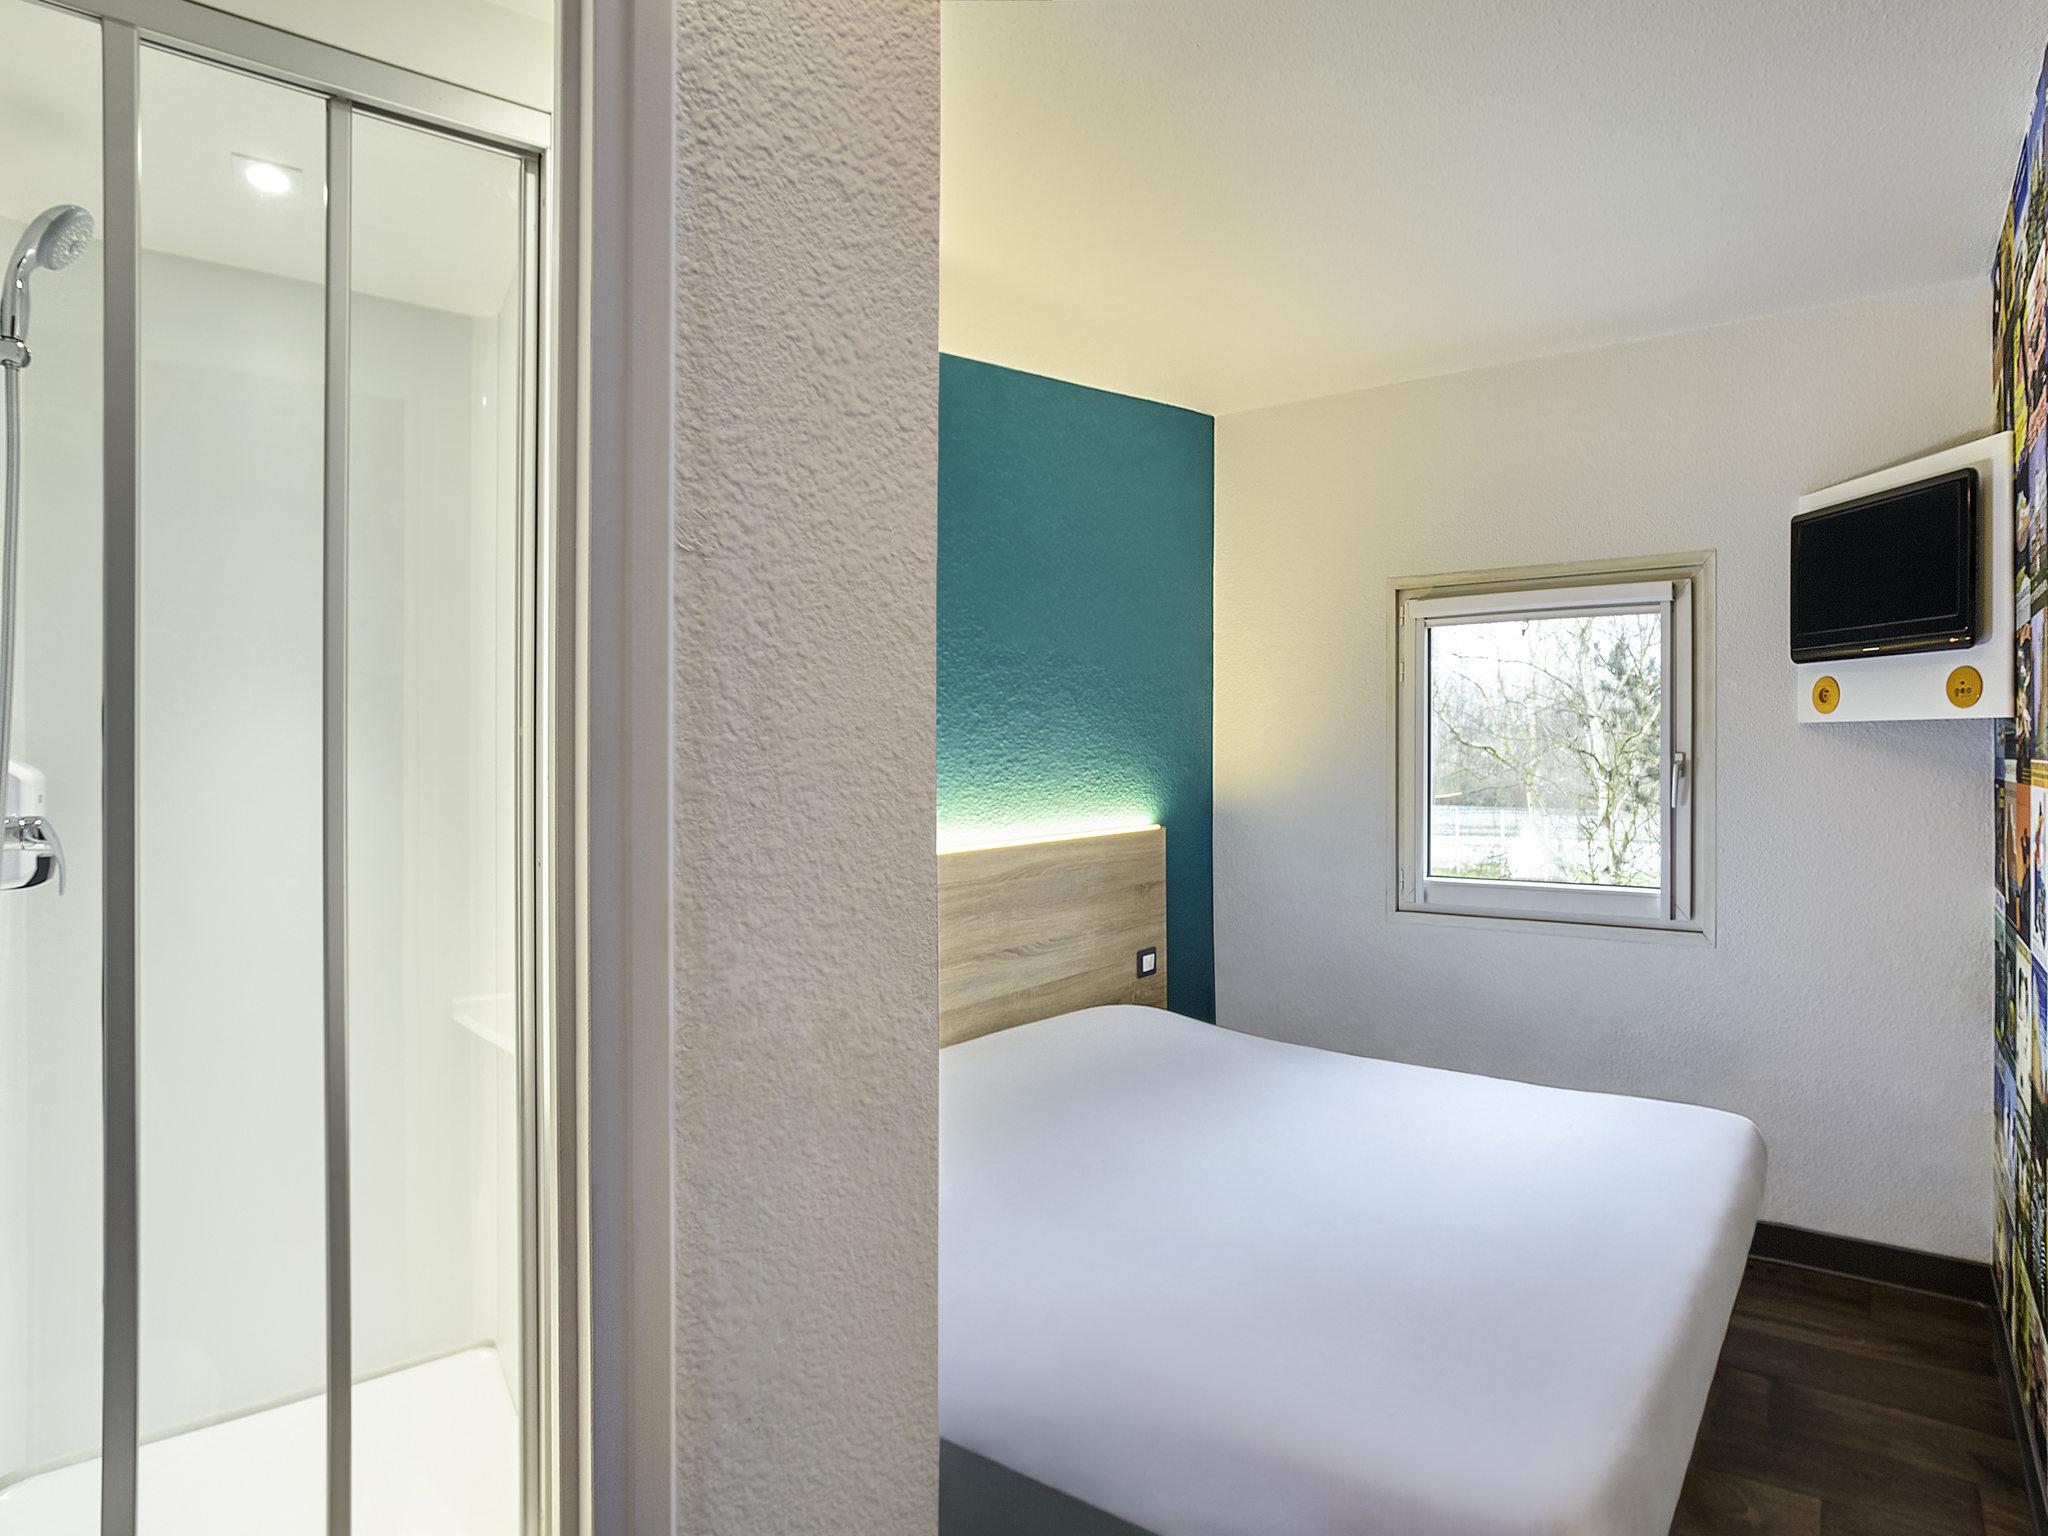 فندق - hotelF1 Béziers Est (rénové)